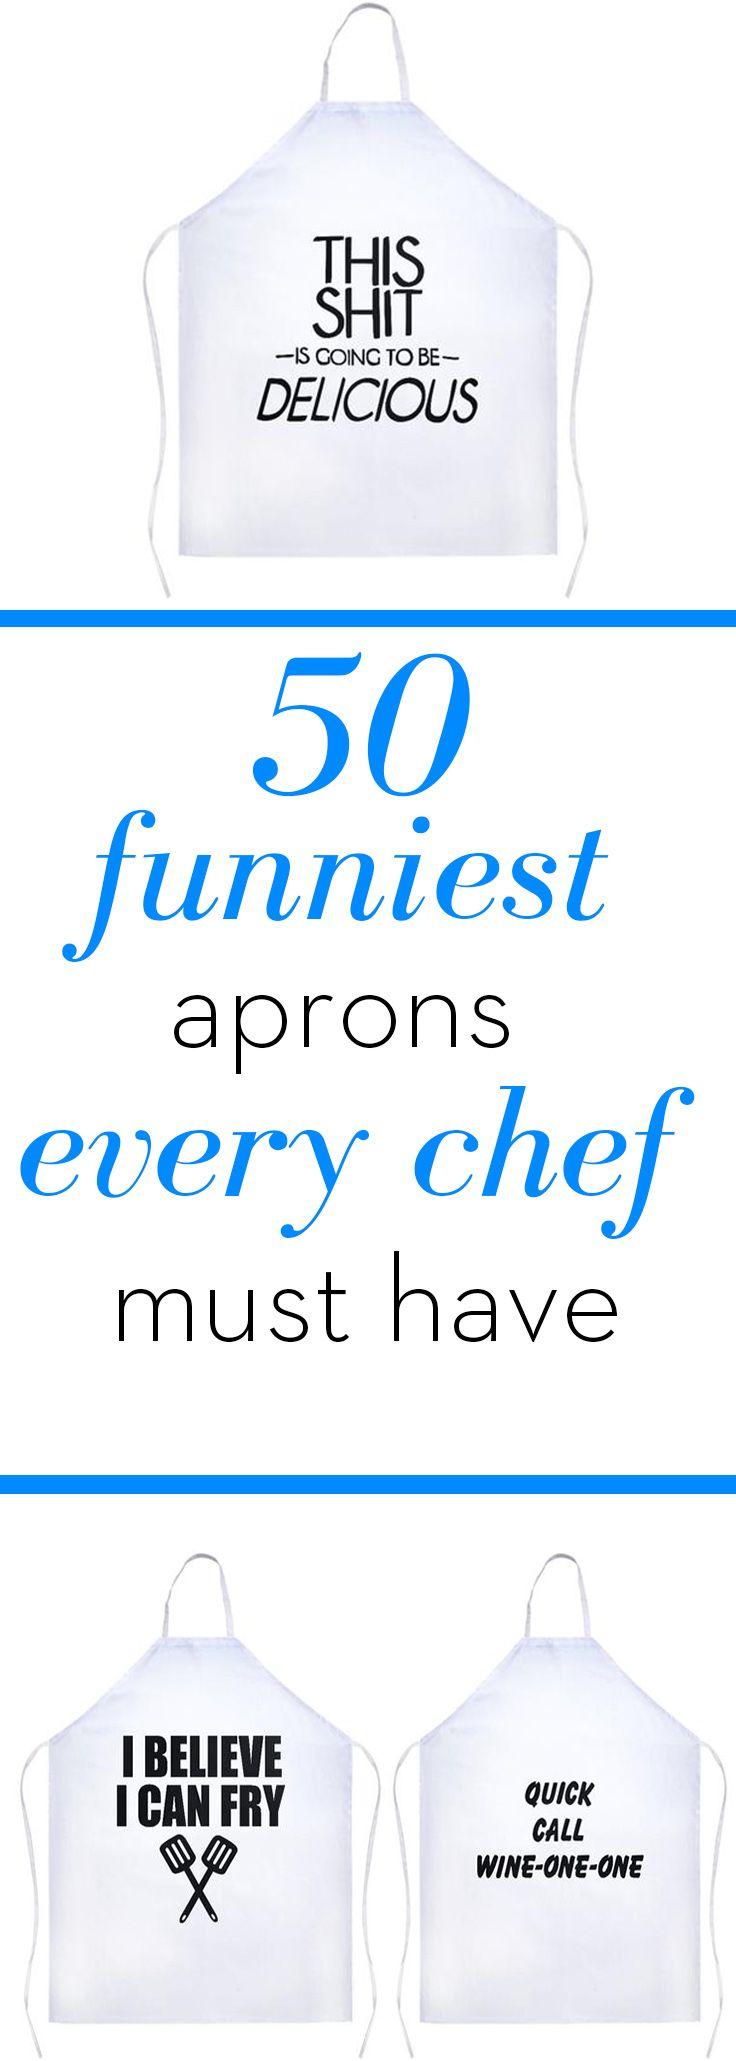 White stuff gateaux apron - Funny Aprons